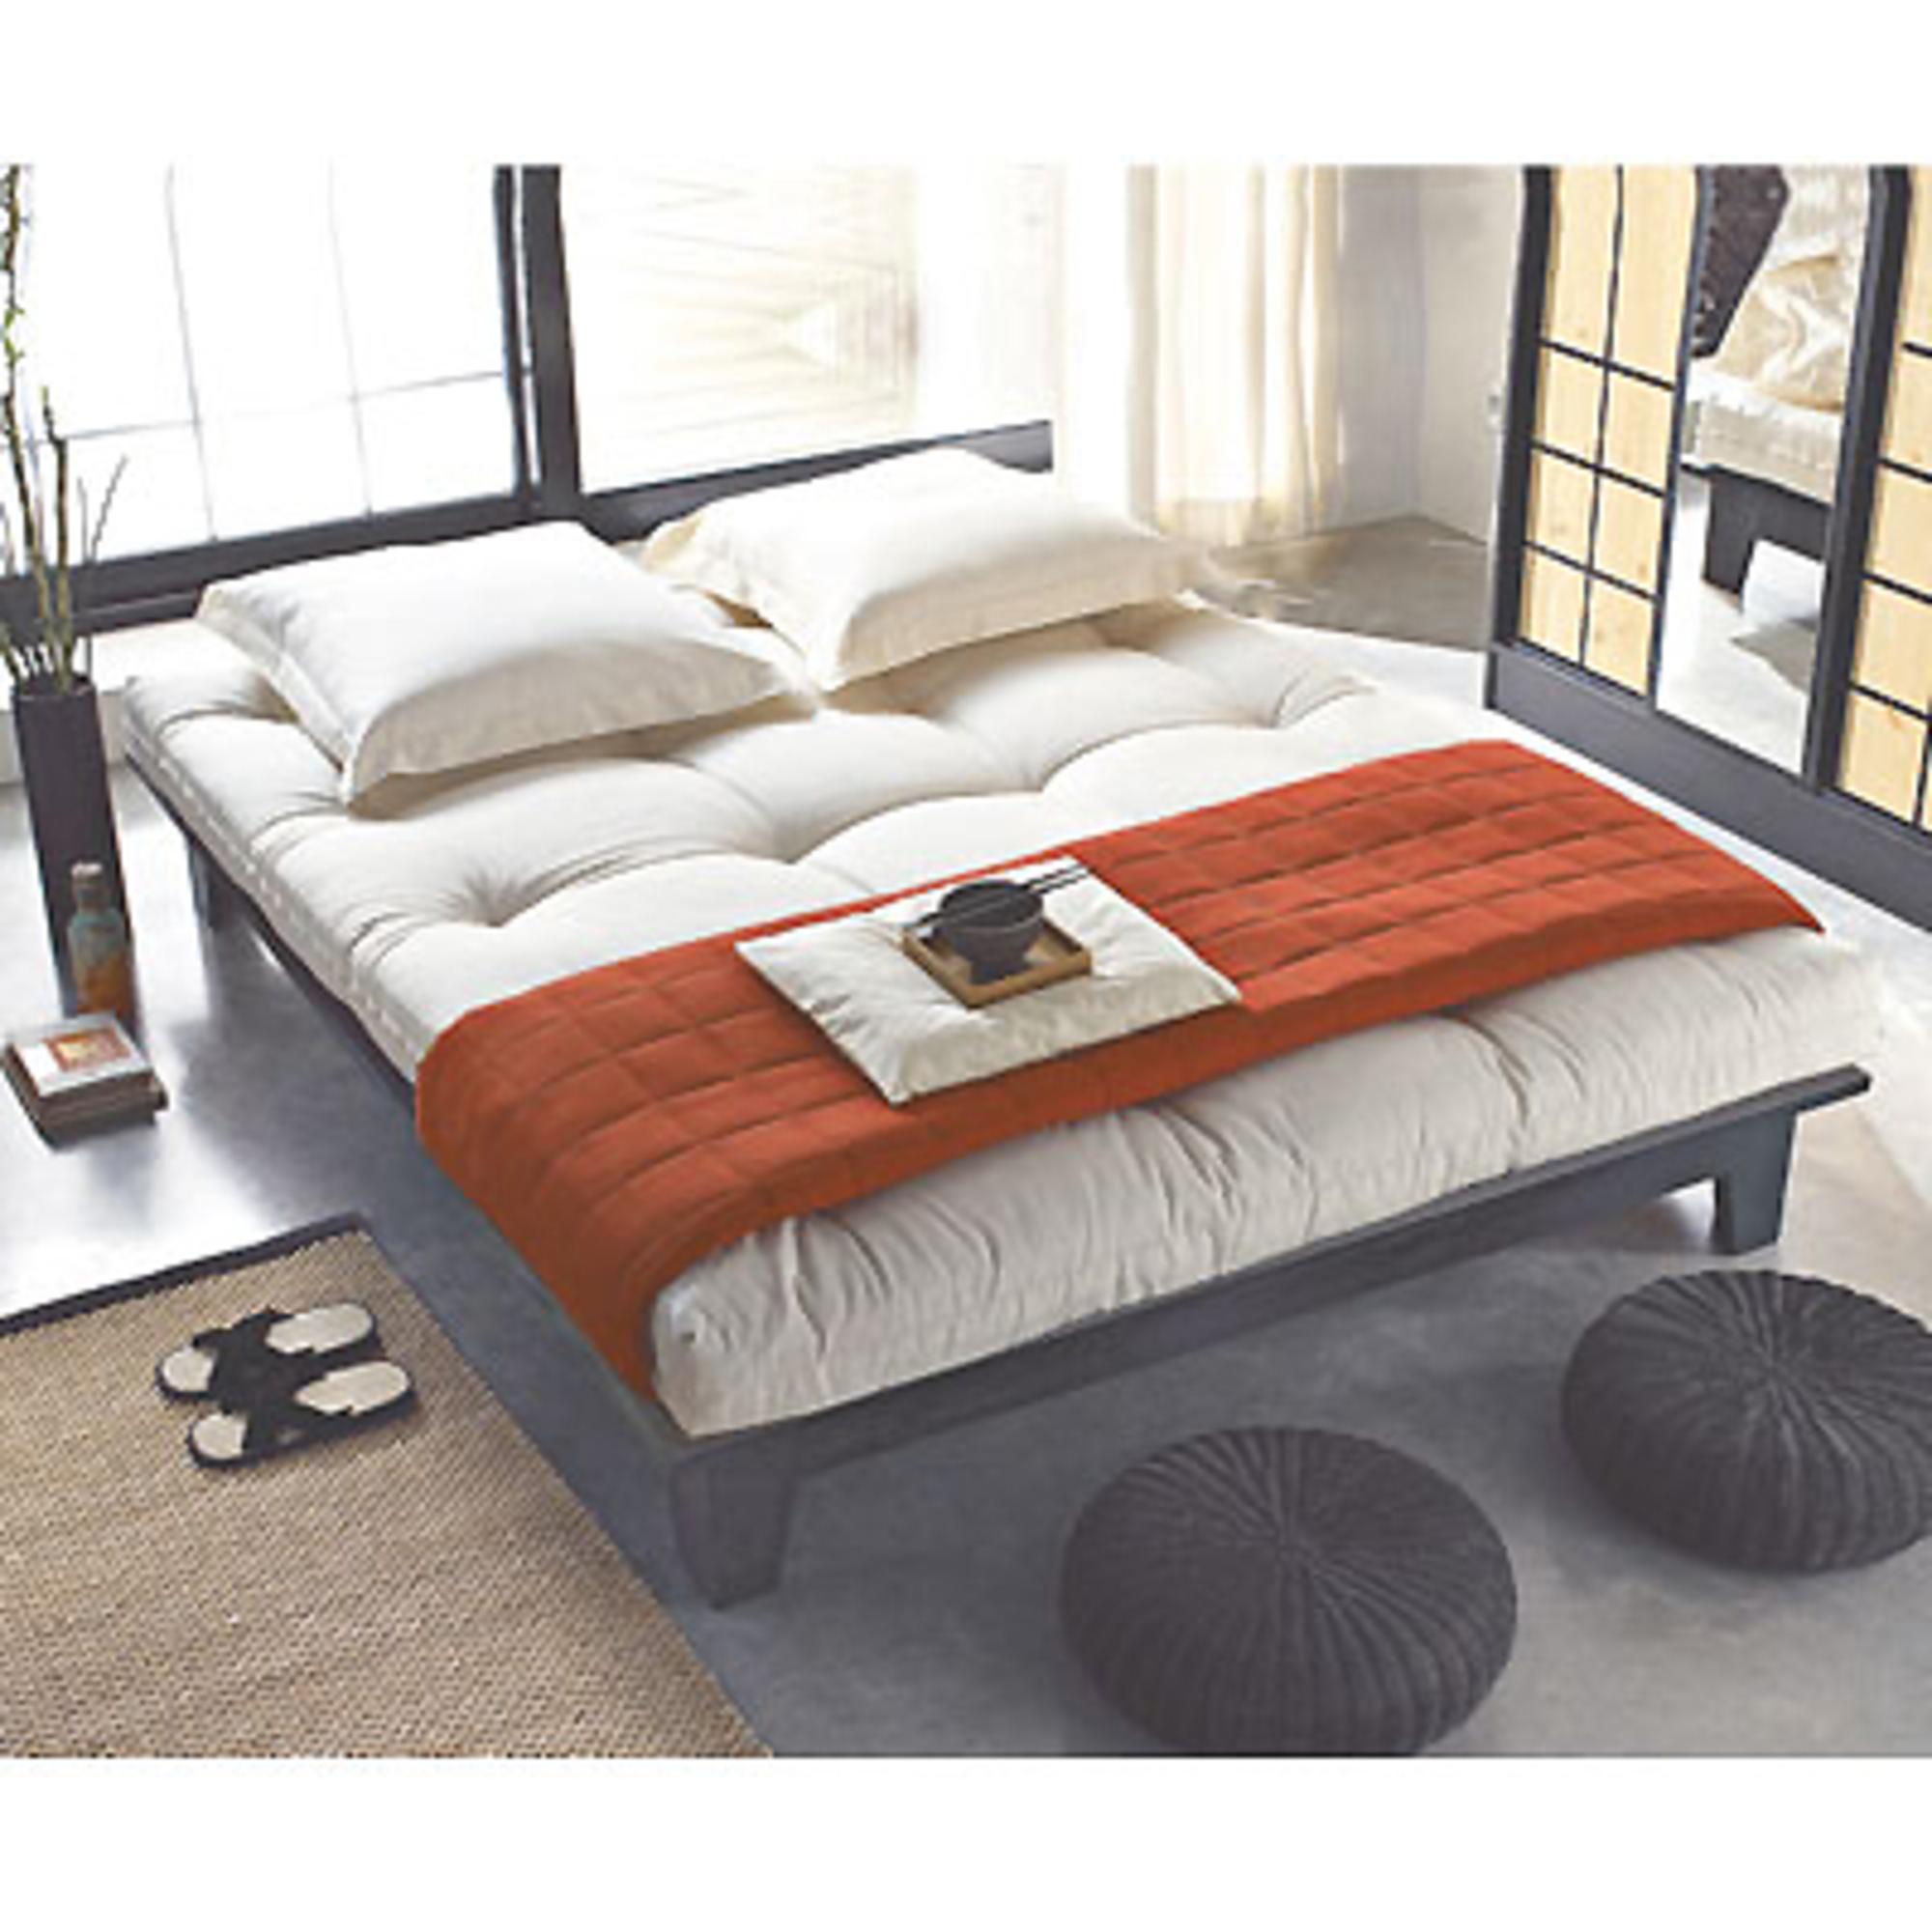 lit 160 x 200 cm sommier futon noir anniversaire 40 ans acheter ce produit au meilleur. Black Bedroom Furniture Sets. Home Design Ideas